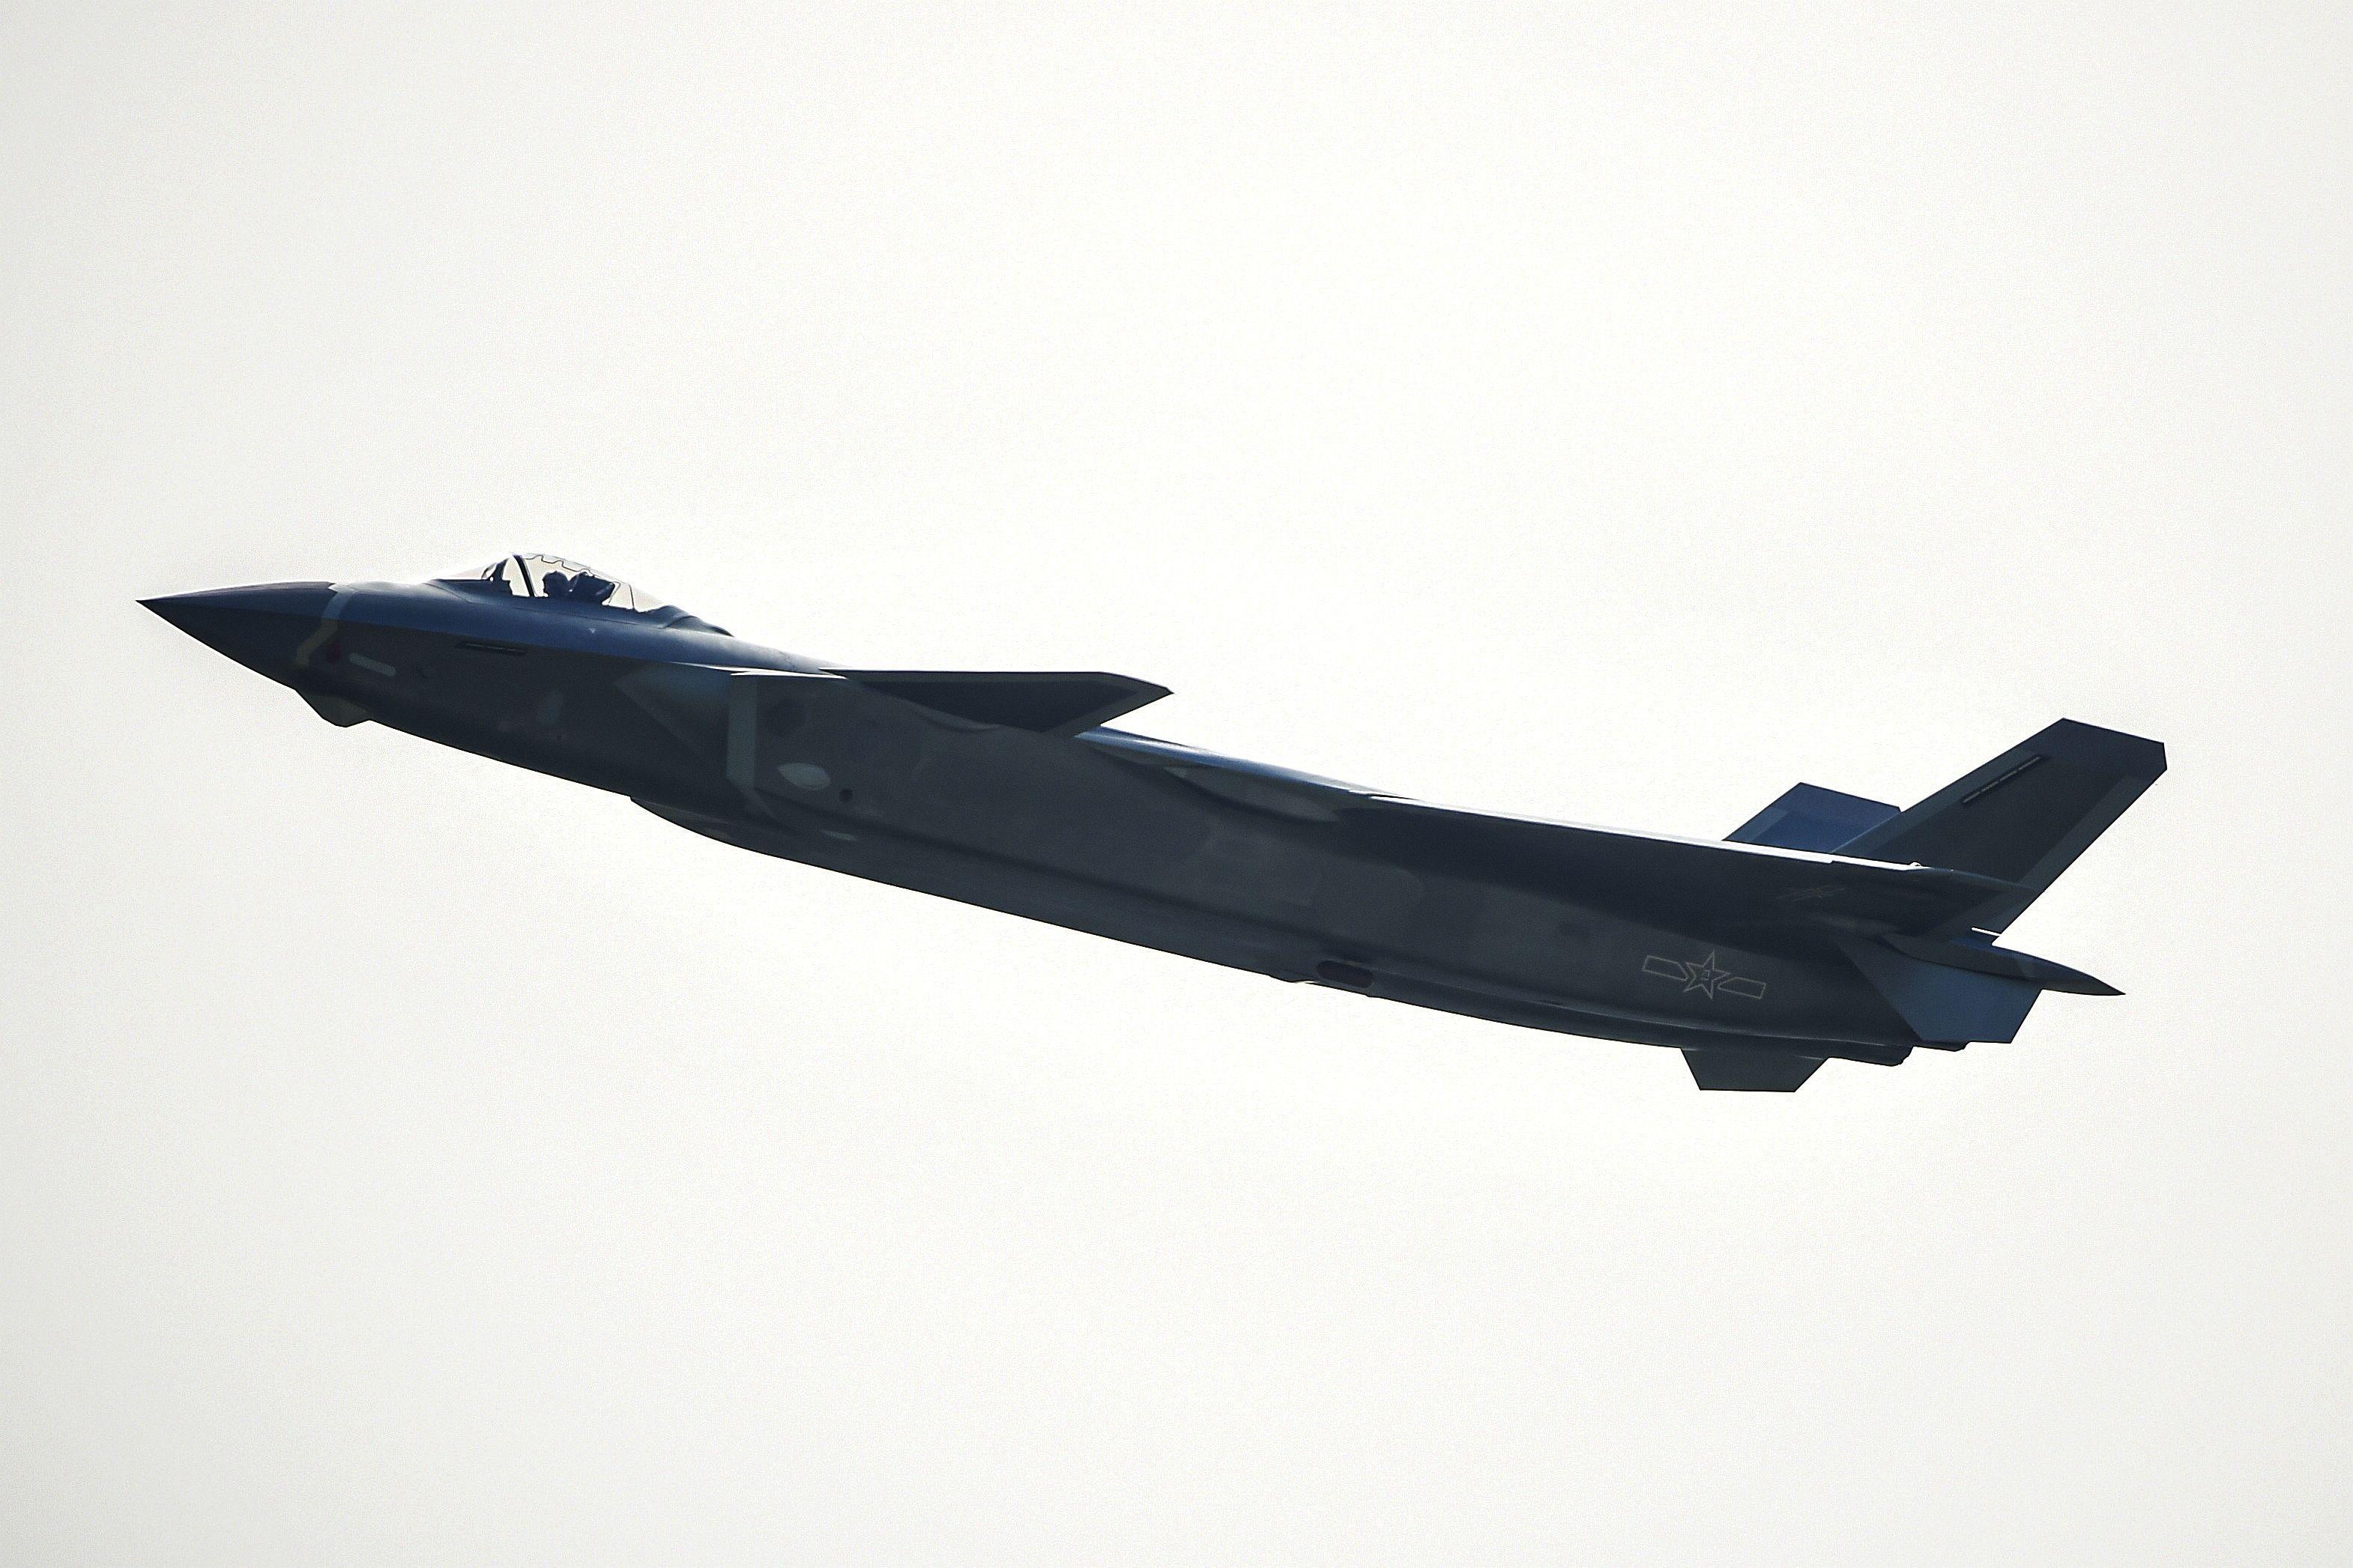 為甚麼俄羅斯看不起中共「殲-20」戰機?